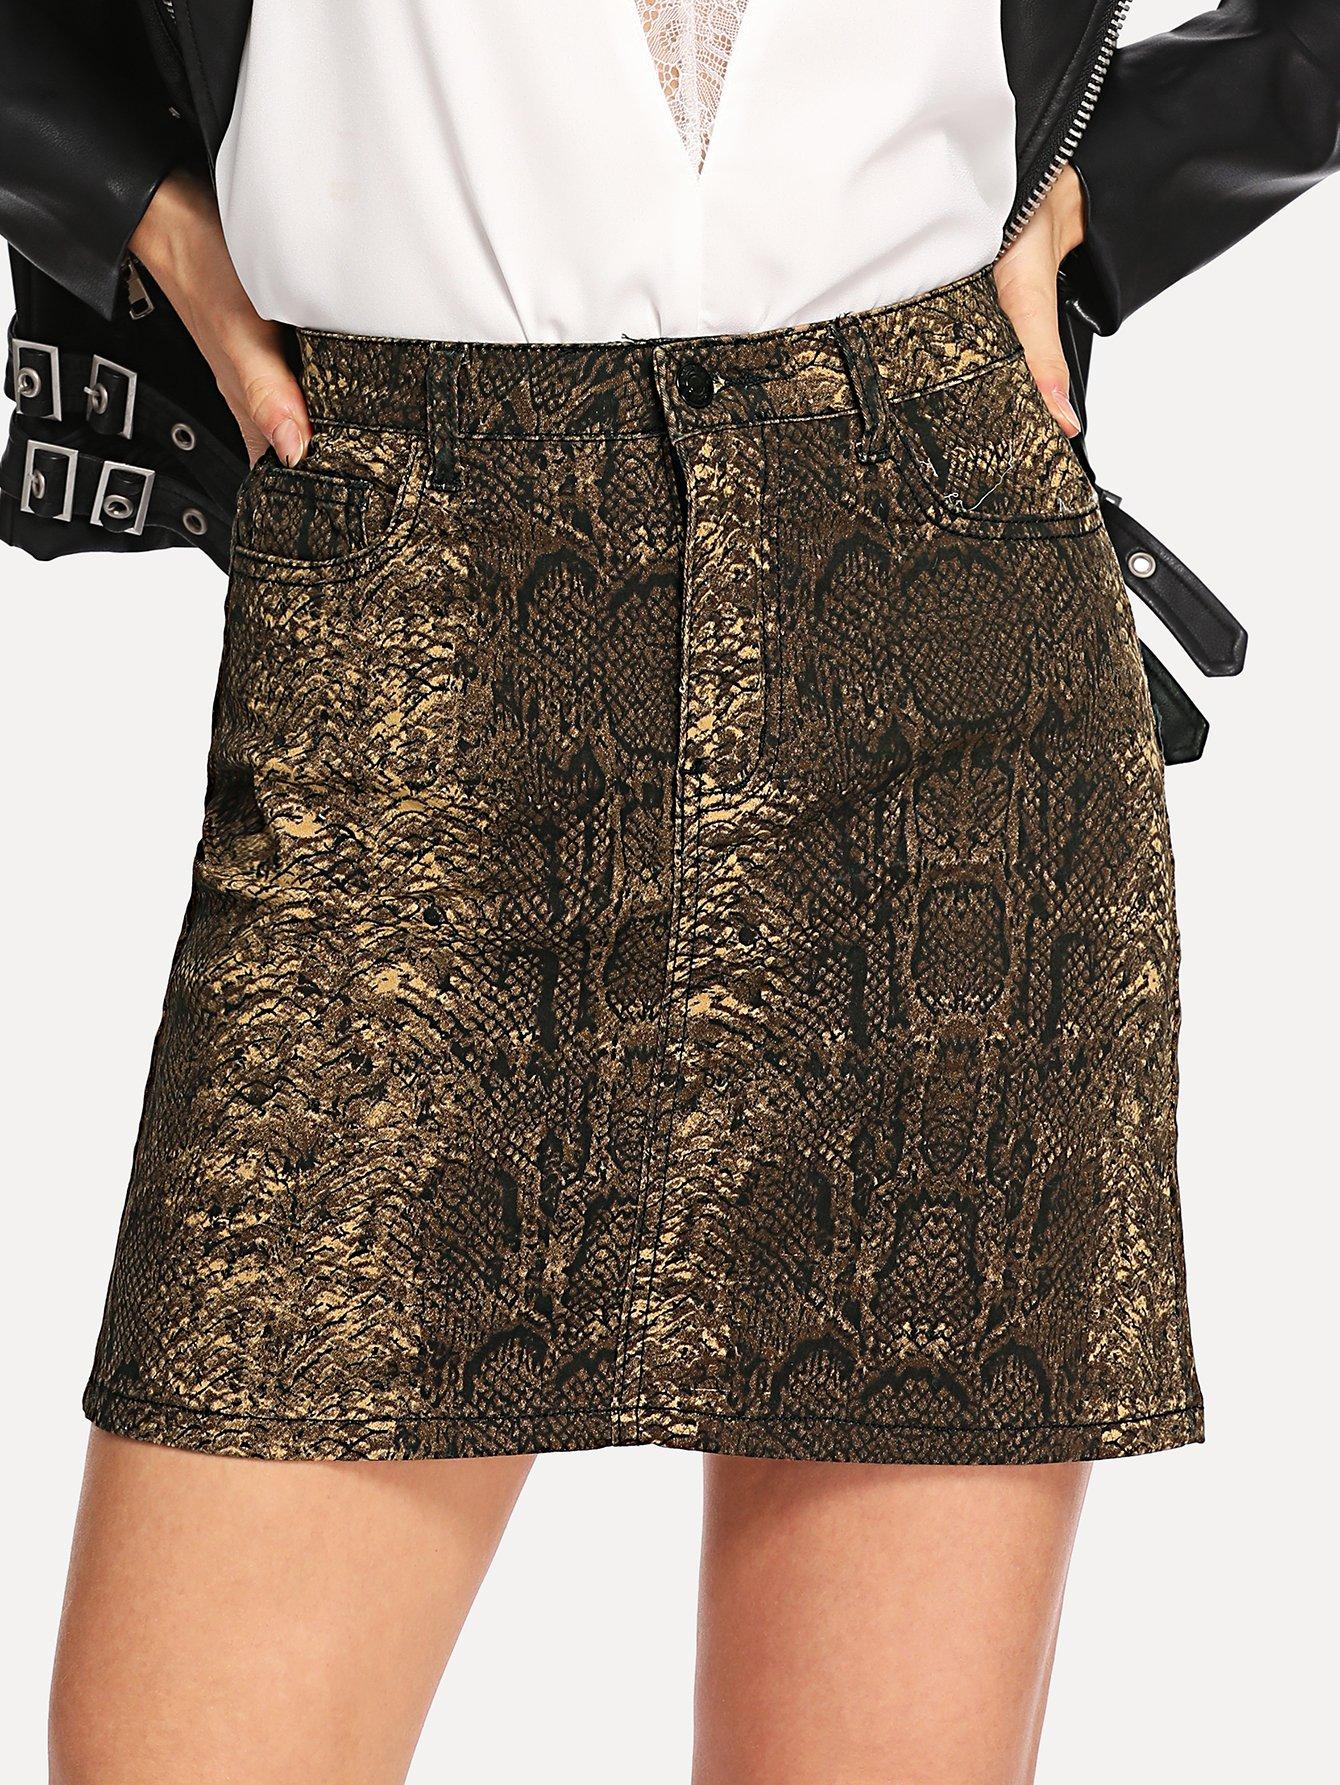 Джинсовая юбка с принтом змеиным SheIn